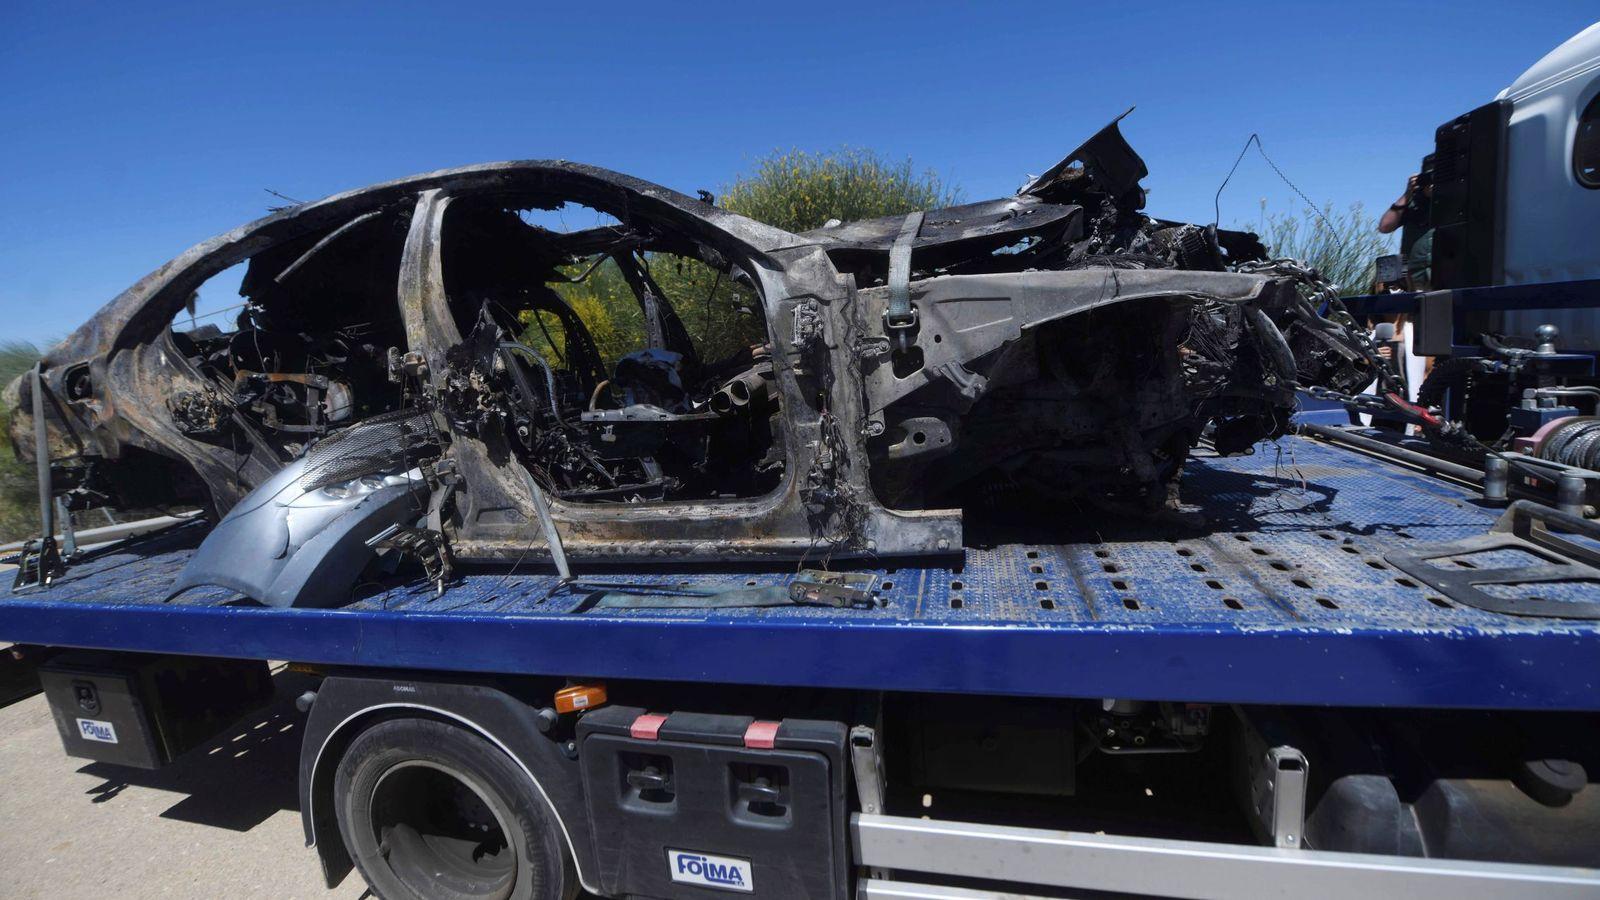 Foto: Imagen que muestra el vehículo en el que viajaba el futbolista Antonio Reyes tras el accidente mortal en Sevilla. (EFE)